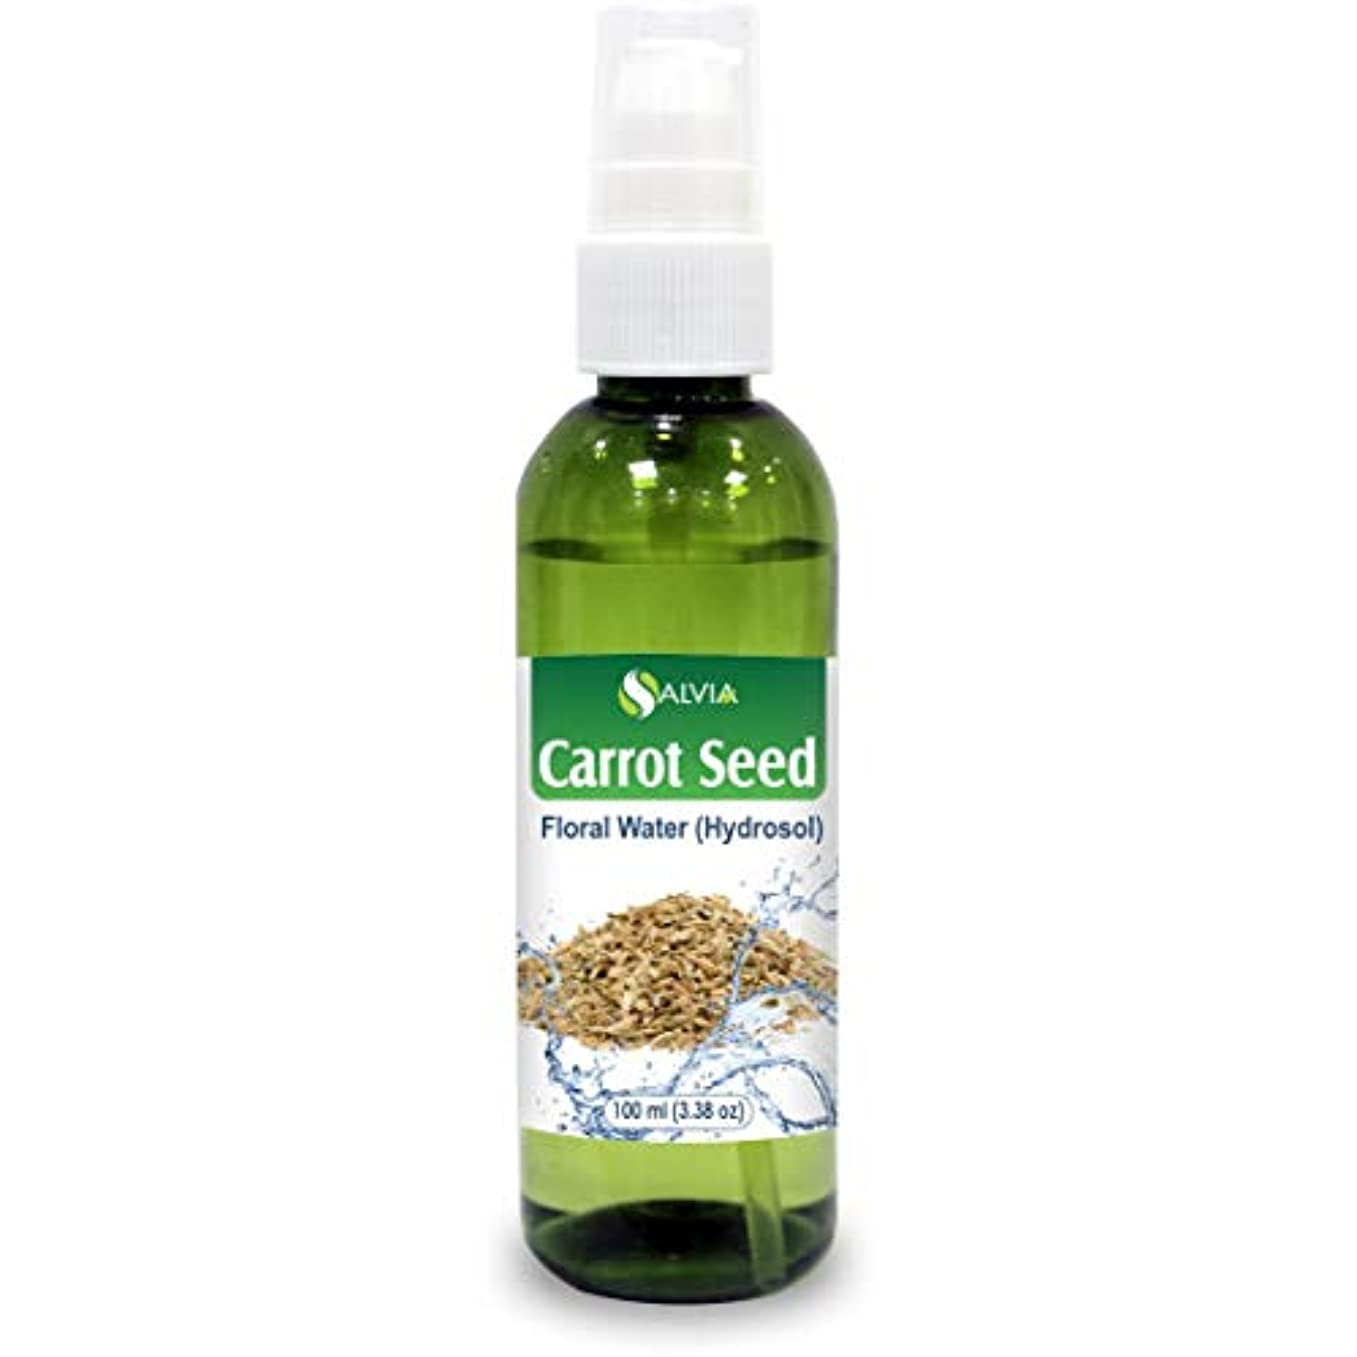 手数料麻痺すなわちCarrot Seed Floral Water Floral Water 100ml (Hydrosol) 100% Pure And Natural